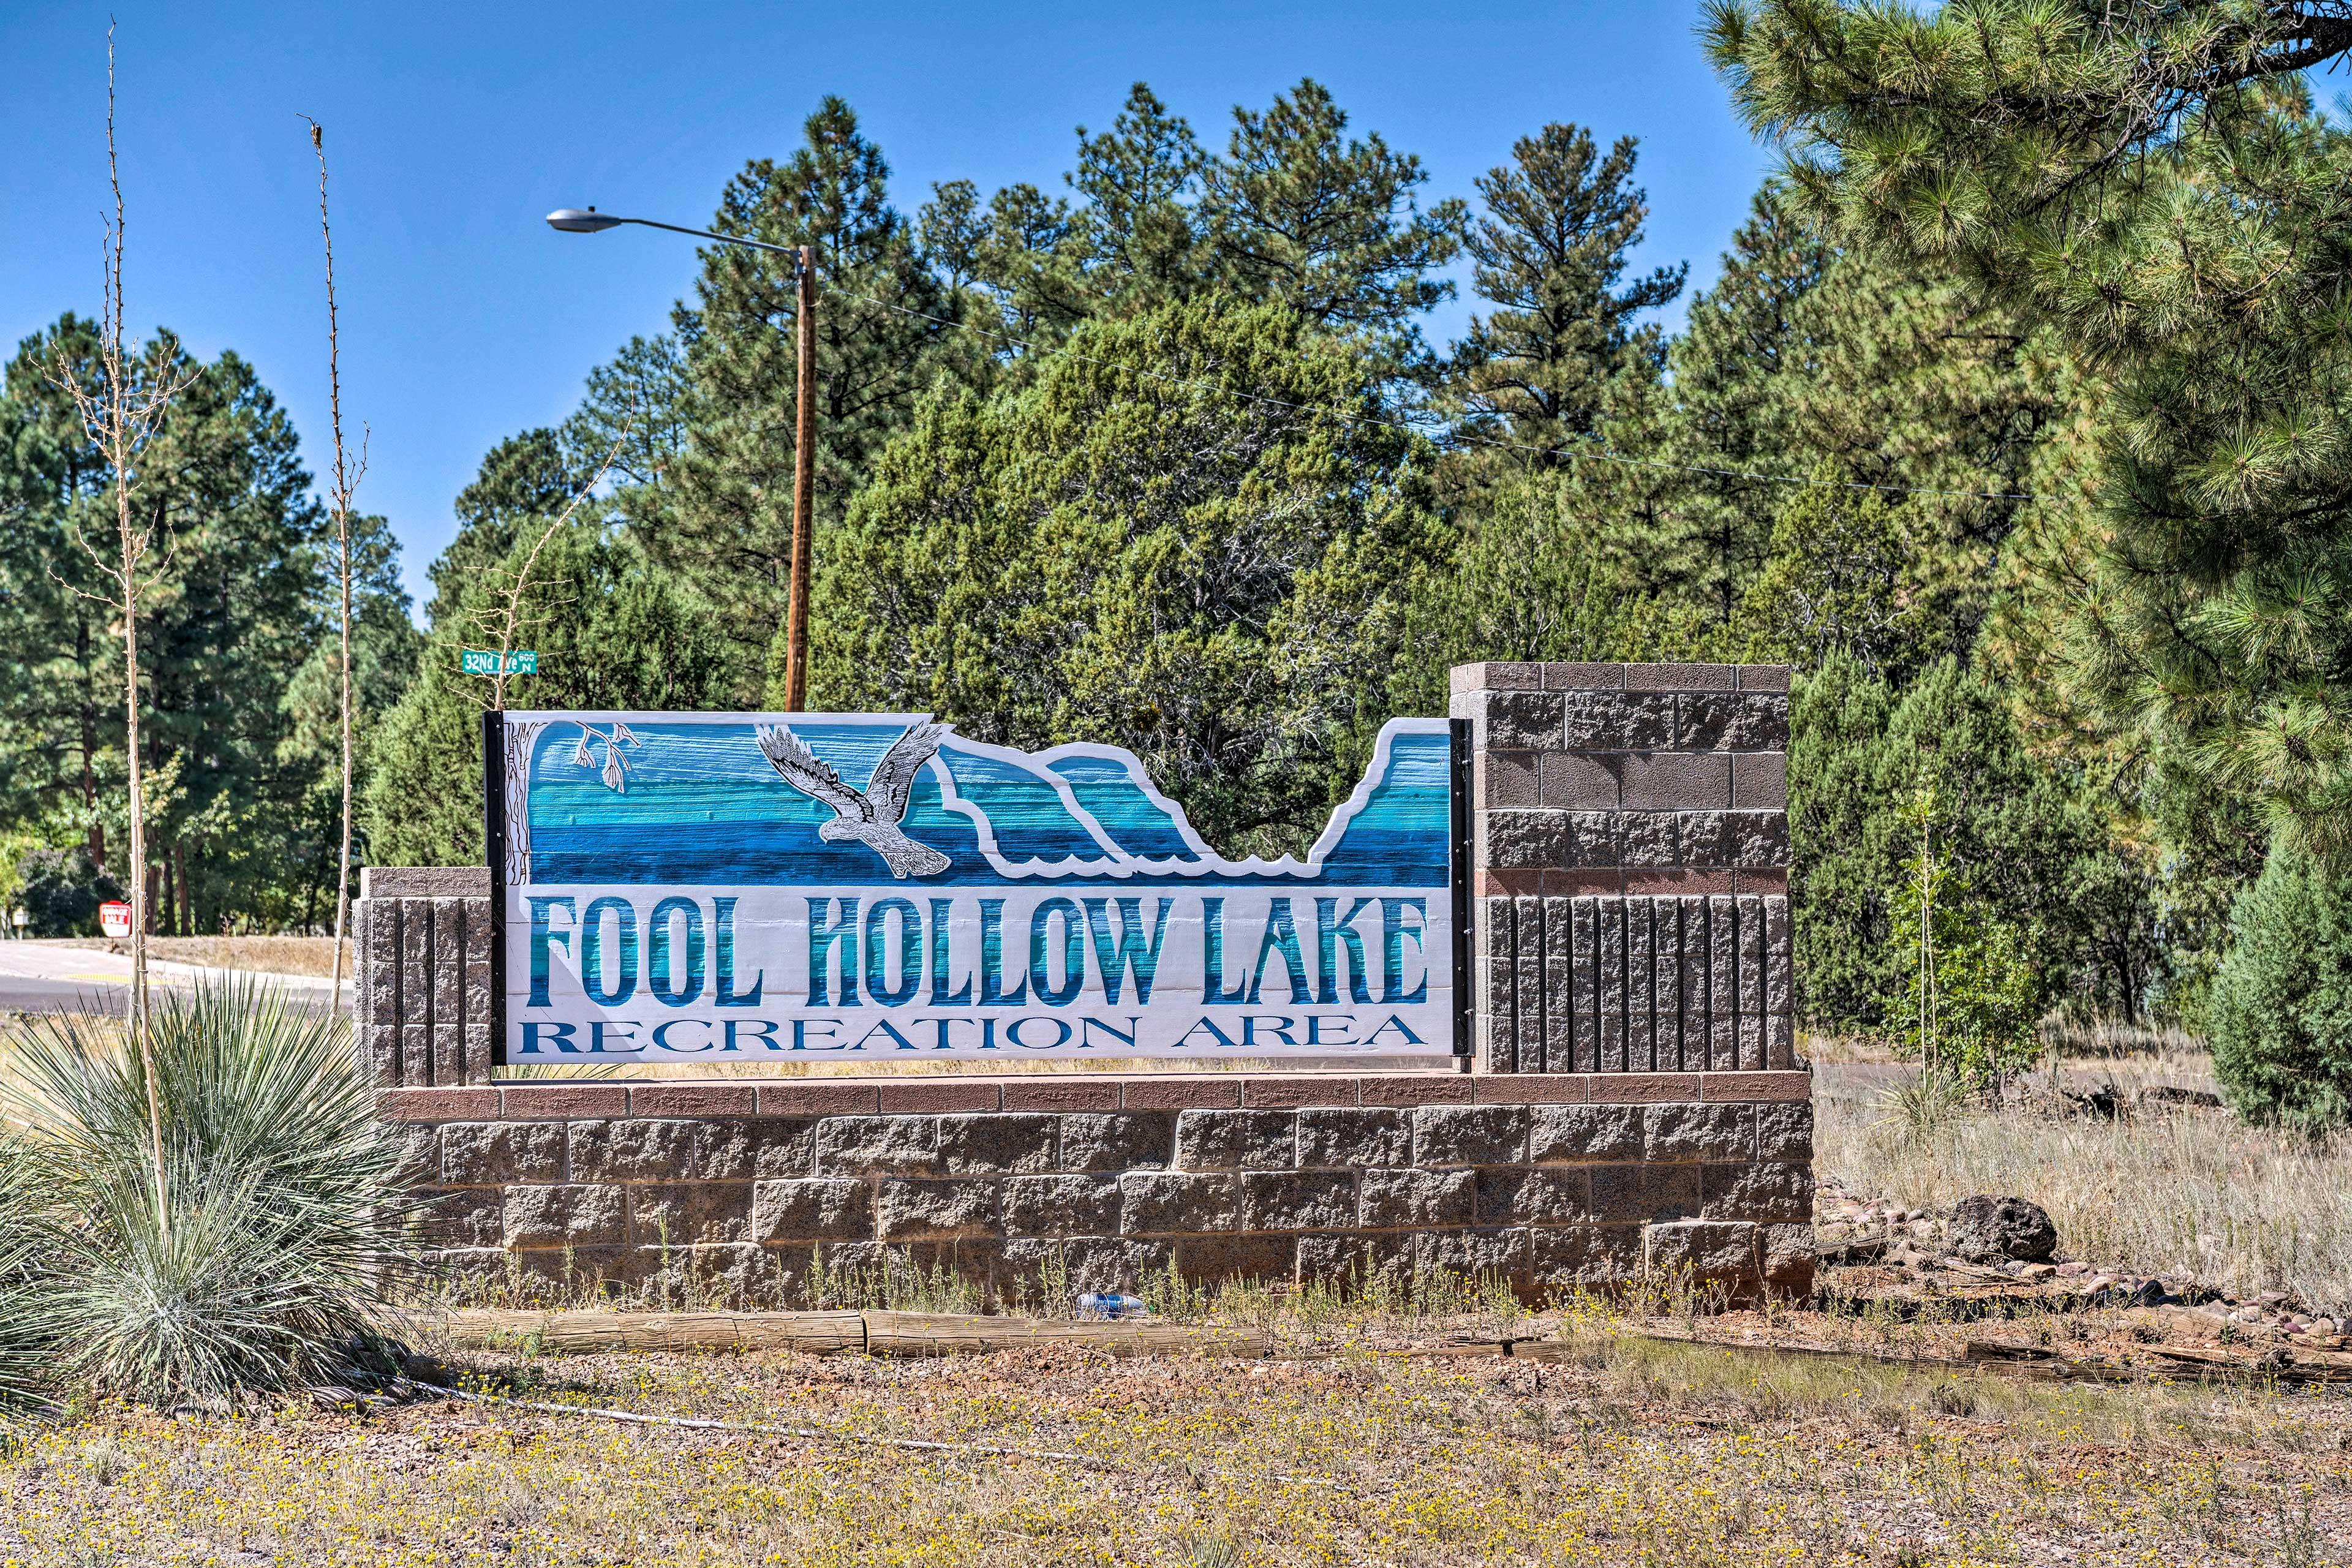 Visit Fool Hollow Lake less than 3 miles away!